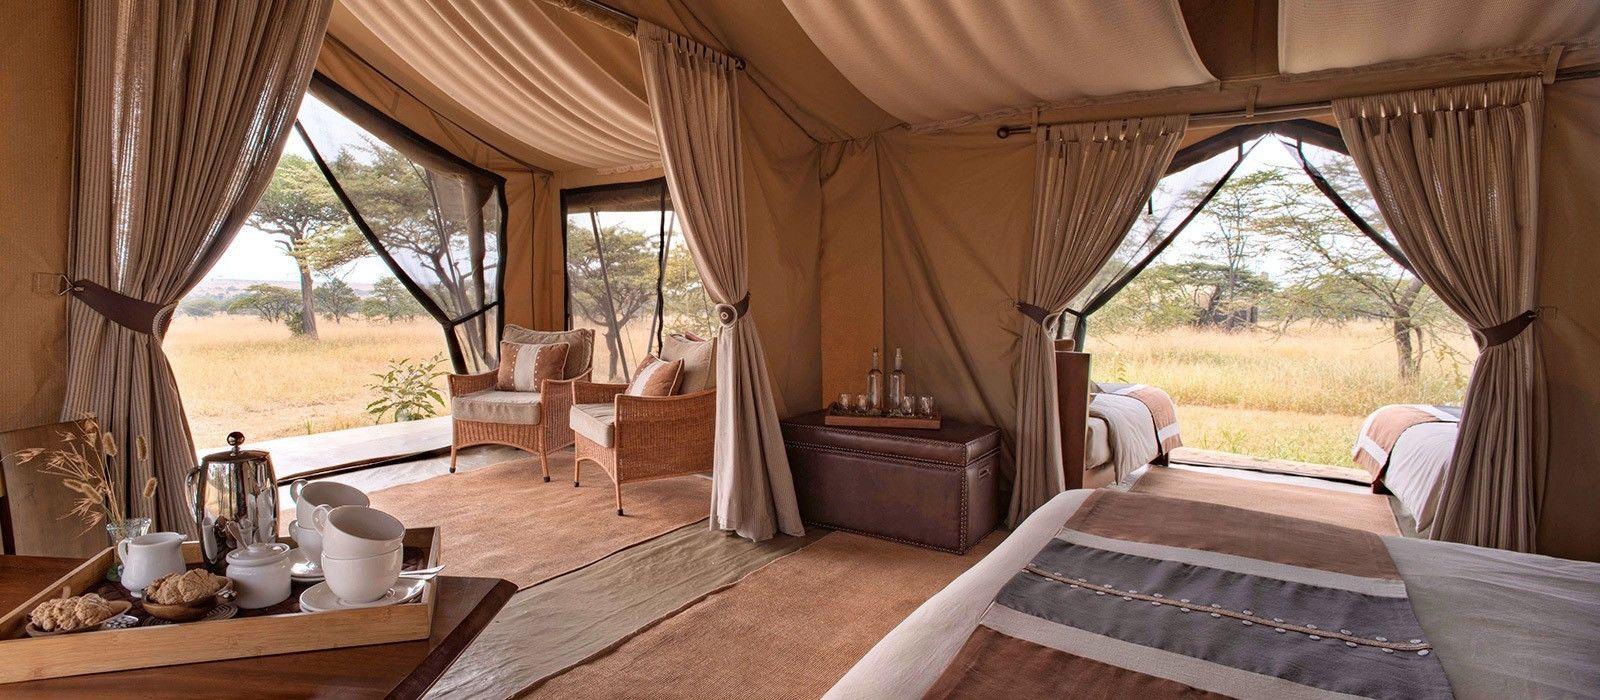 Hotel Naboisho Camp Kenya